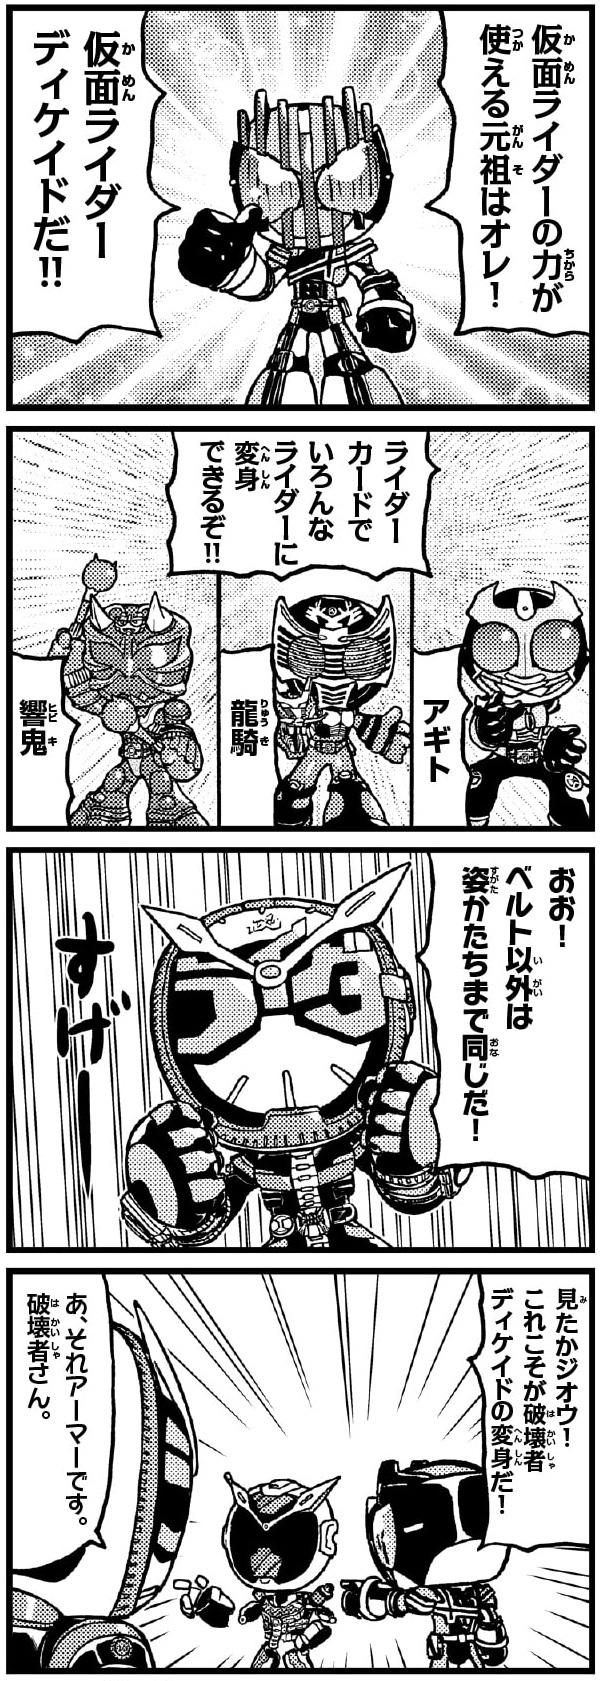 平成&昭和の仮面ライダー唯一の4コマ漫画『ガンバライジング!!』1:ディケイドだ!! 1コマ目